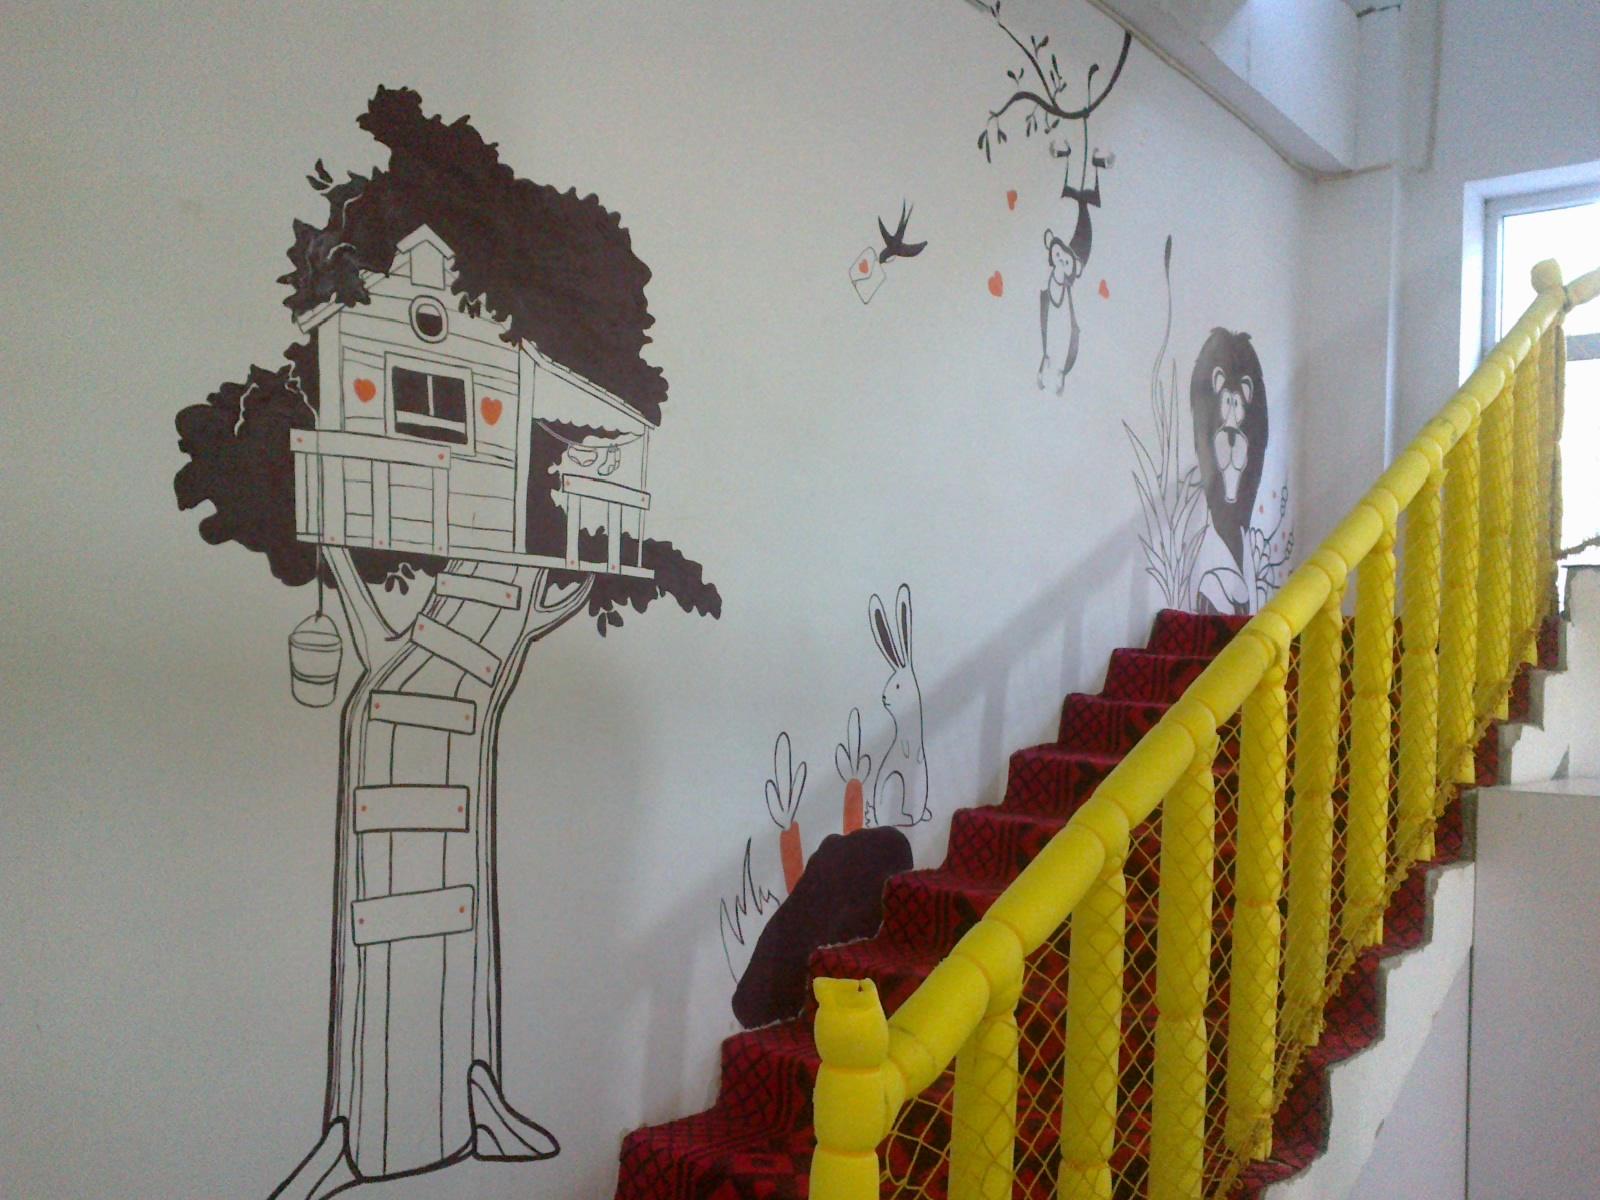 家装墙面装饰试试手绘墙画吧 手绘墙画教程